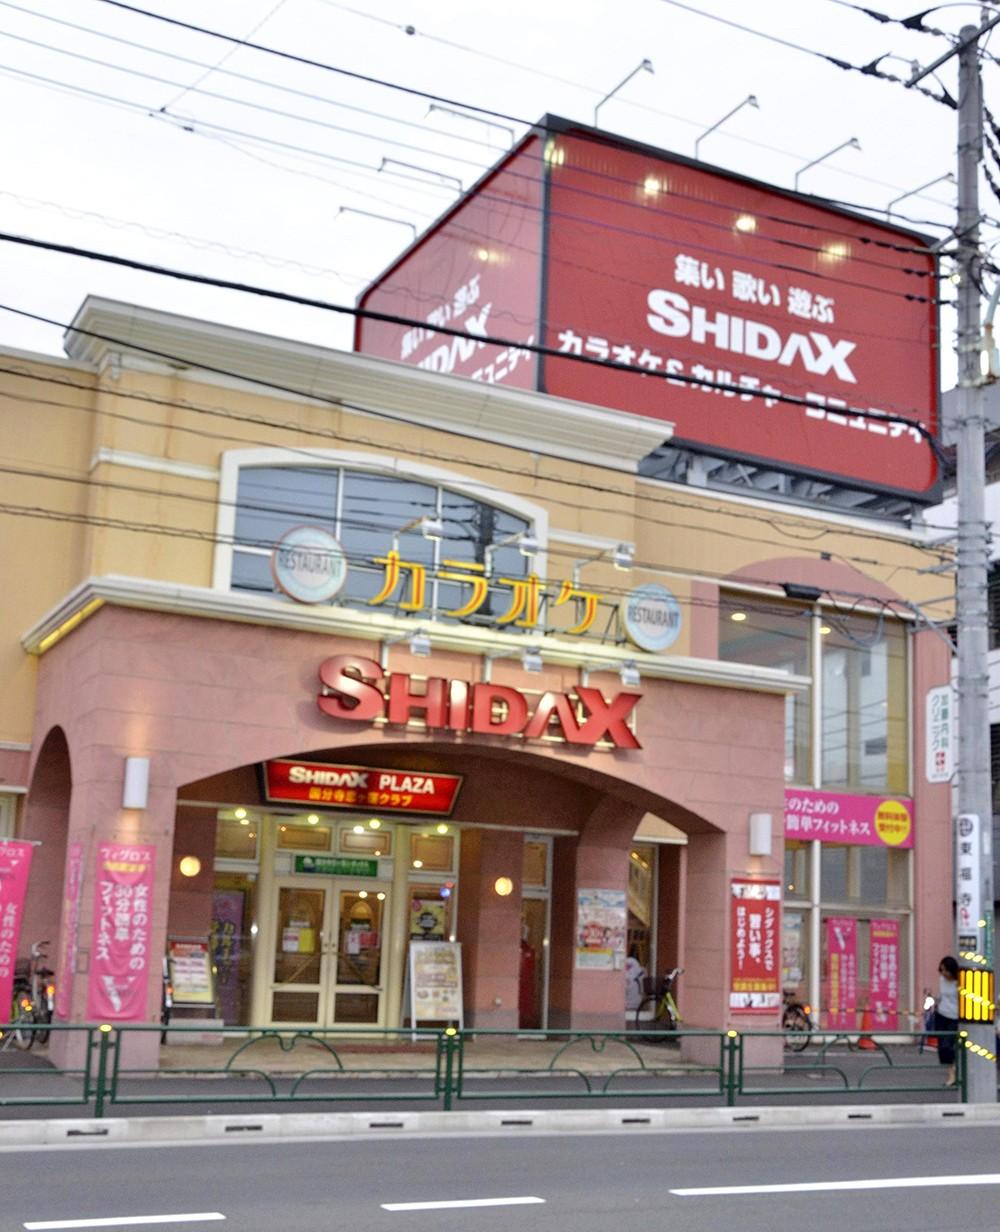 Karaoke box businesses in Japan sing blues as customer spending wanes